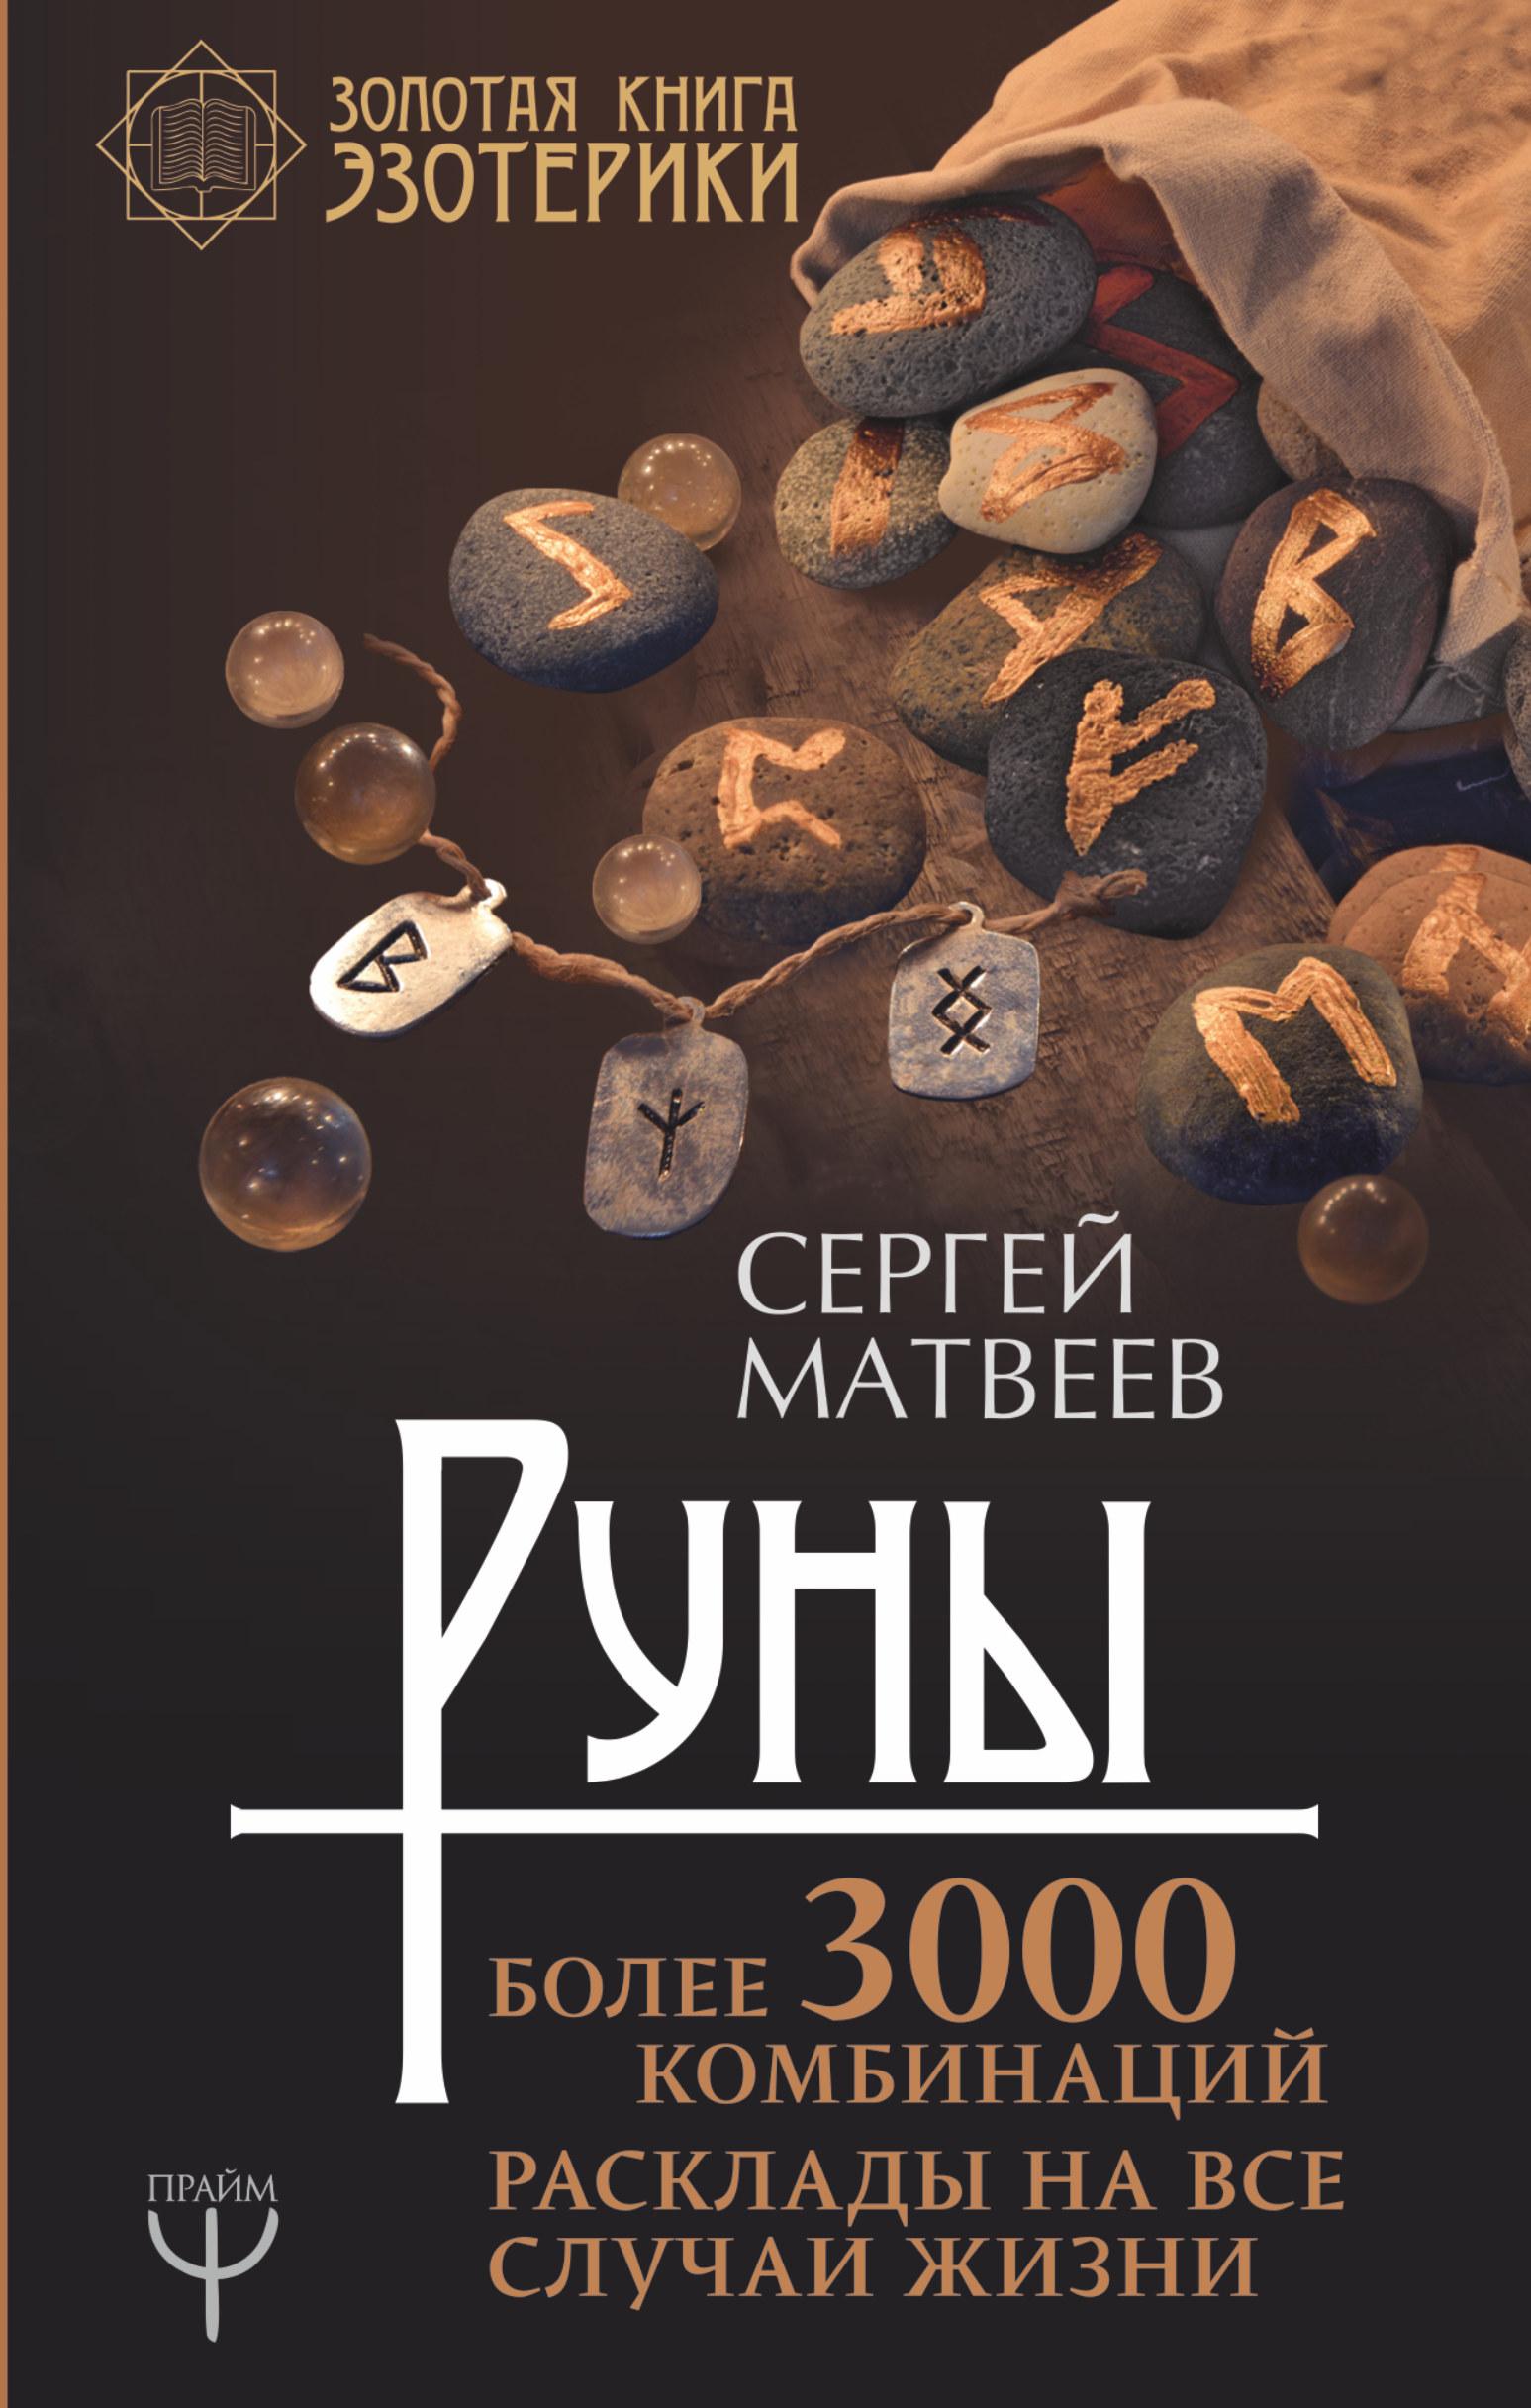 Сергей Матвеев Руны! Более 3000 комбинаций. Расклады на все случаи жизни